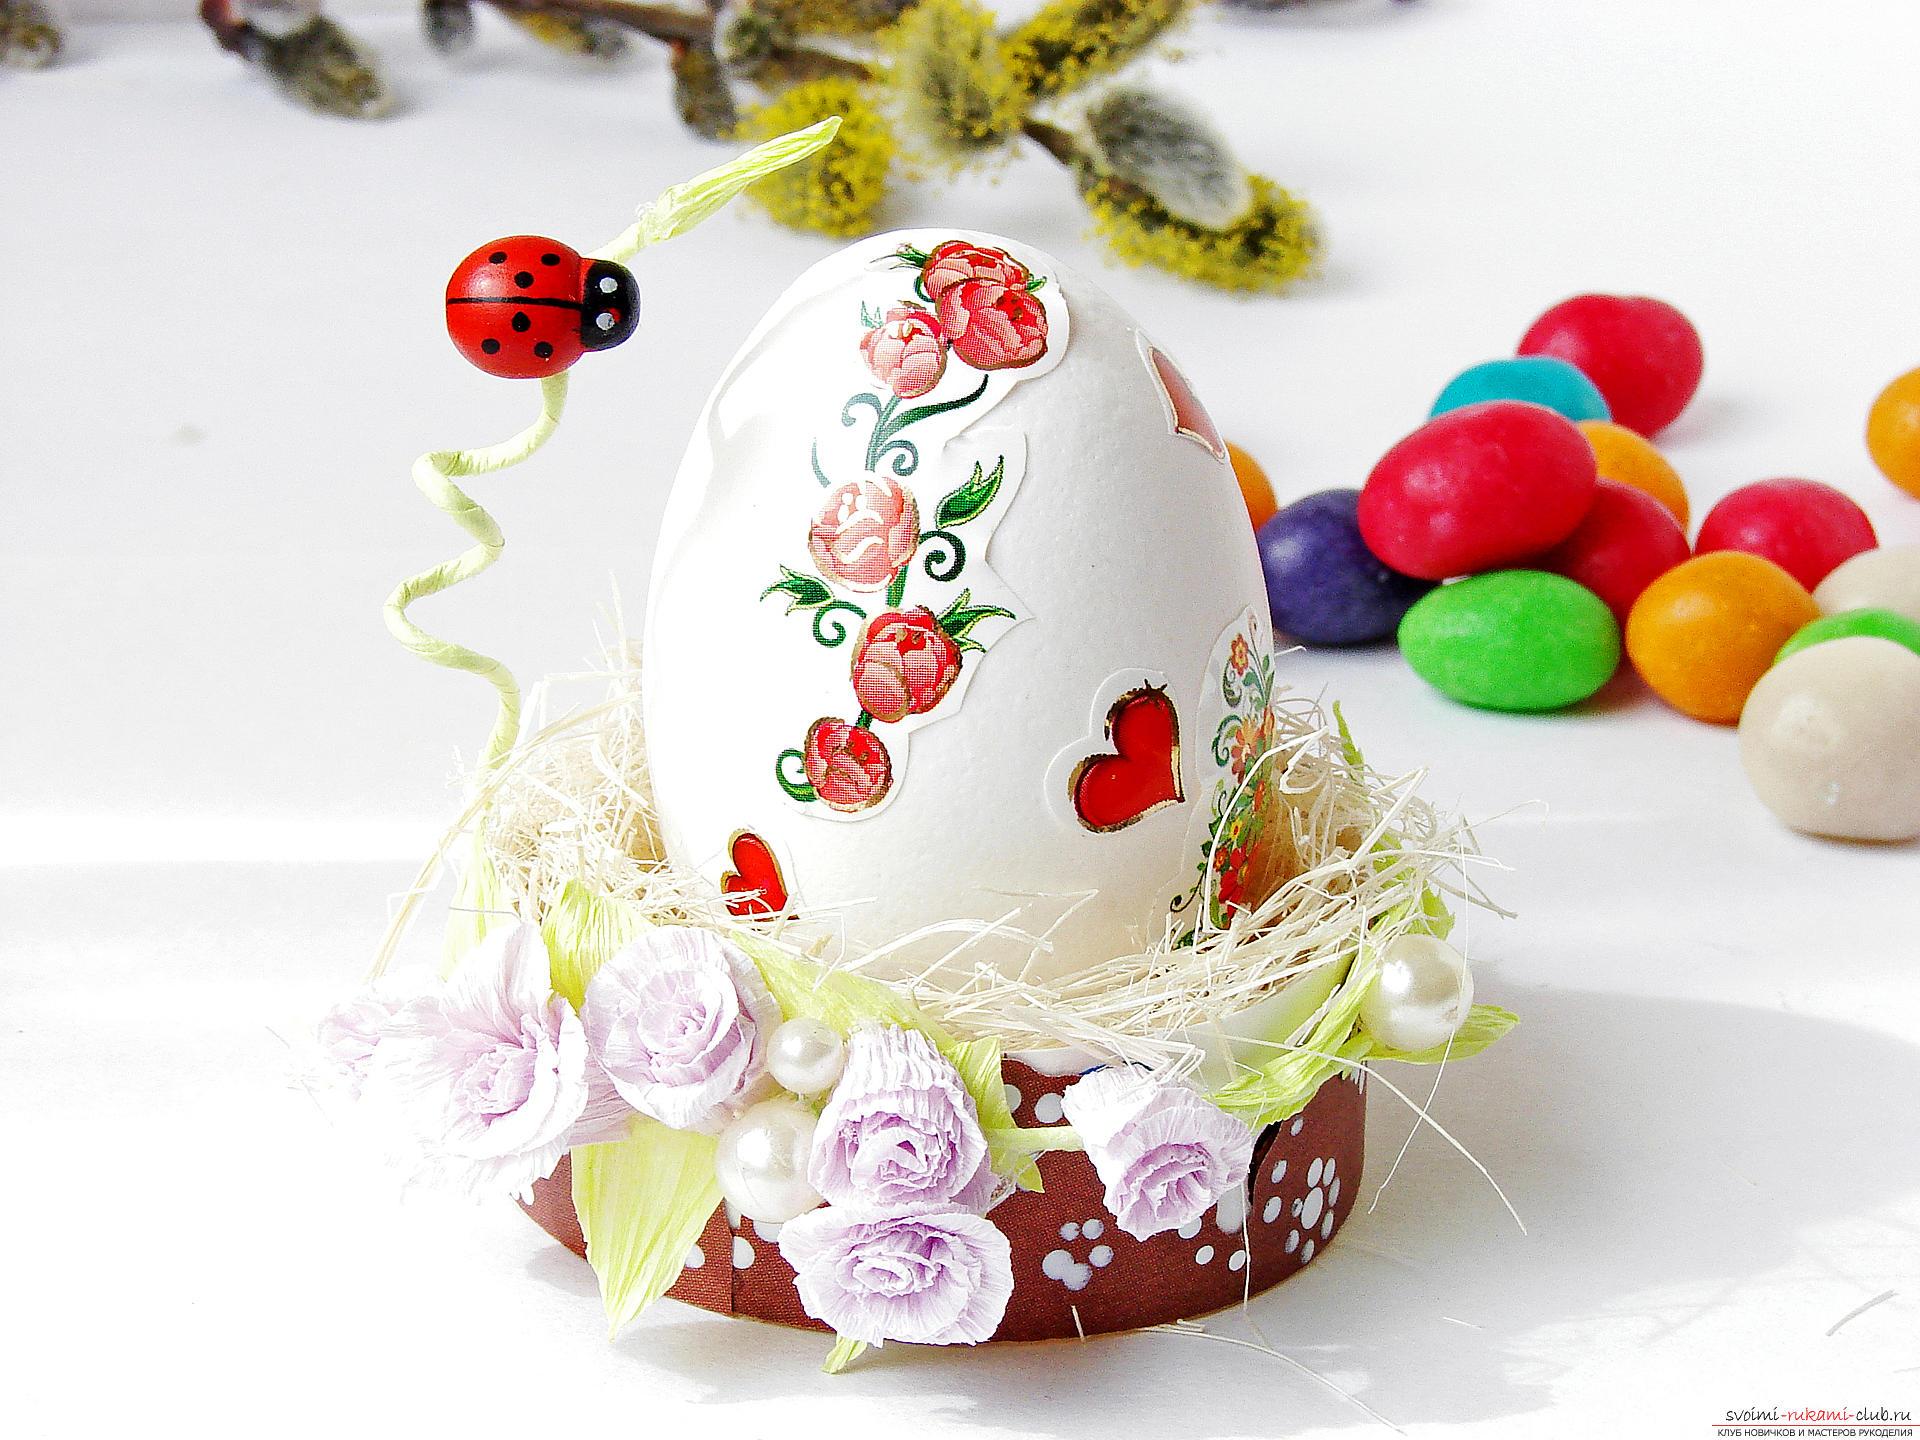 Пасхальные яйца своими руками. как украсить пасхальные яйца